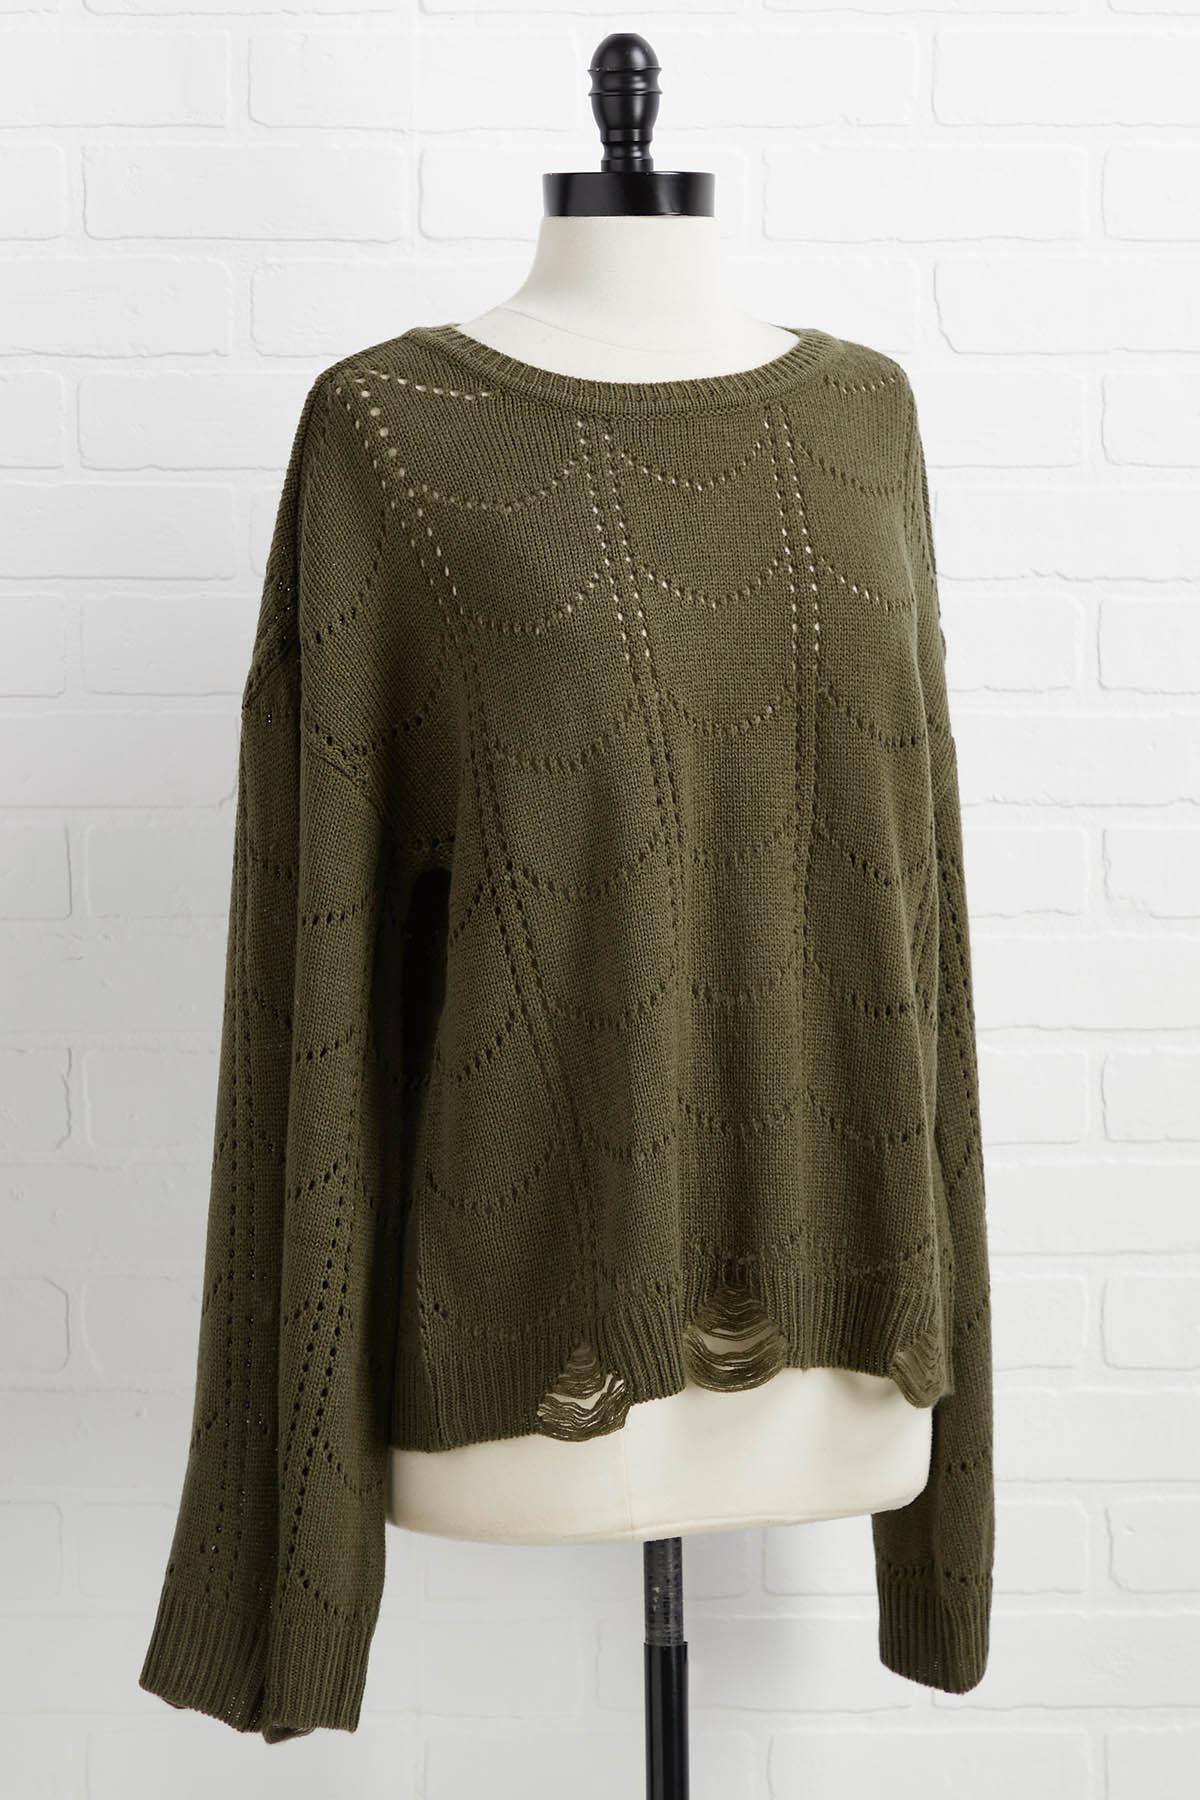 It Knit Sweater